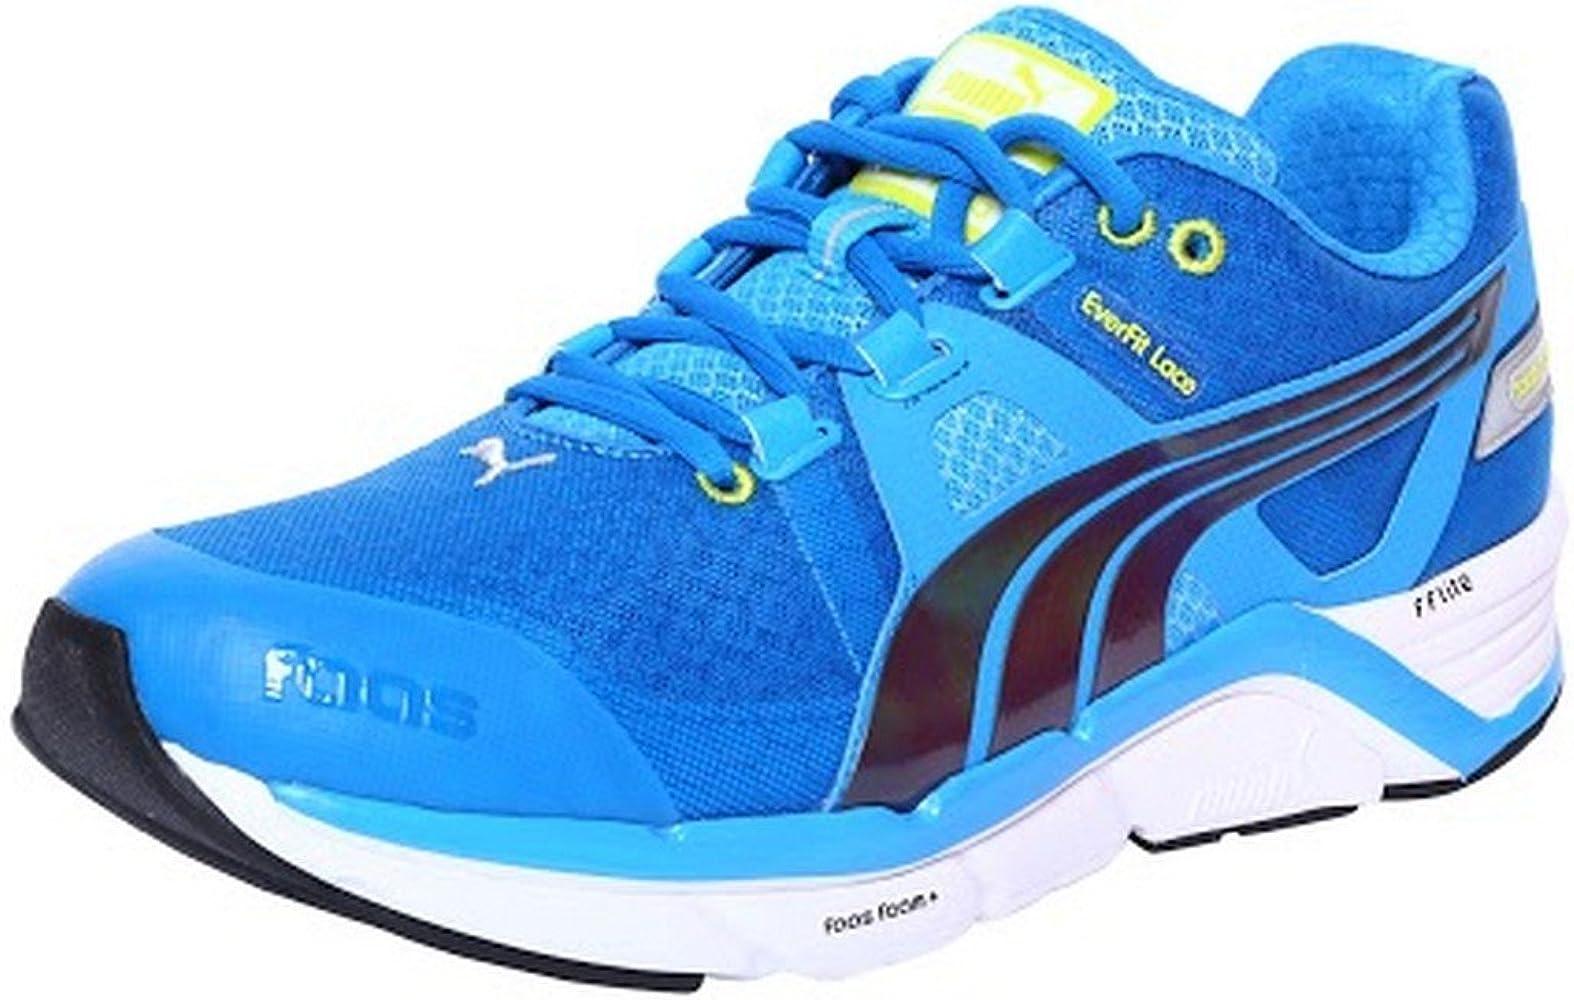 Puma Faas1000V1.5F5 - Entrenamiento/Correr de sintético Hombre, Color Negro, Talla 40.5: Amazon.es: Zapatos y complementos